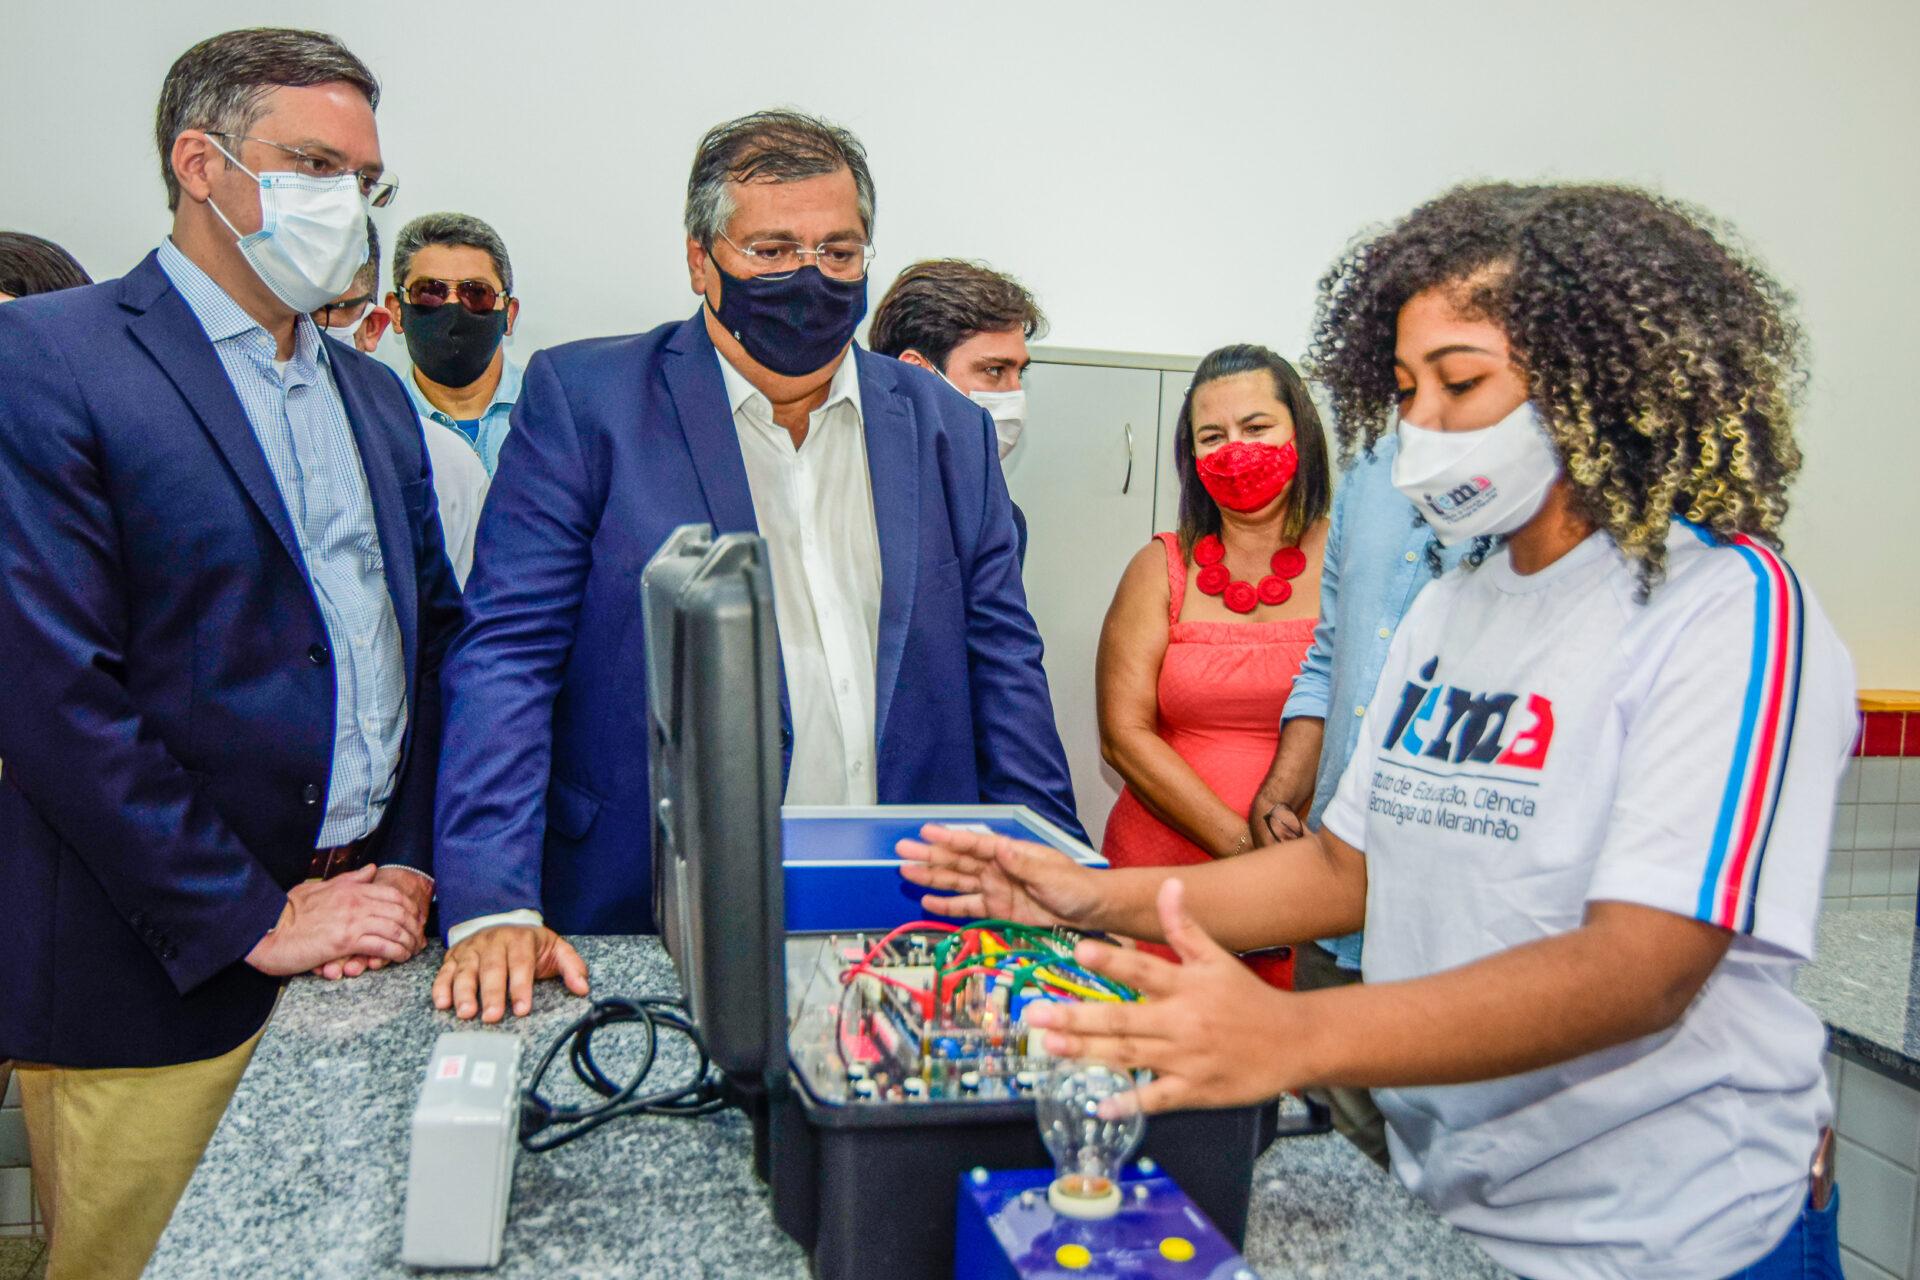 Alunos do IEMA Itaqui-Bacanga apresentaram projetos na inauguração dos laboratórios. (Foto: Karlos Geromy)